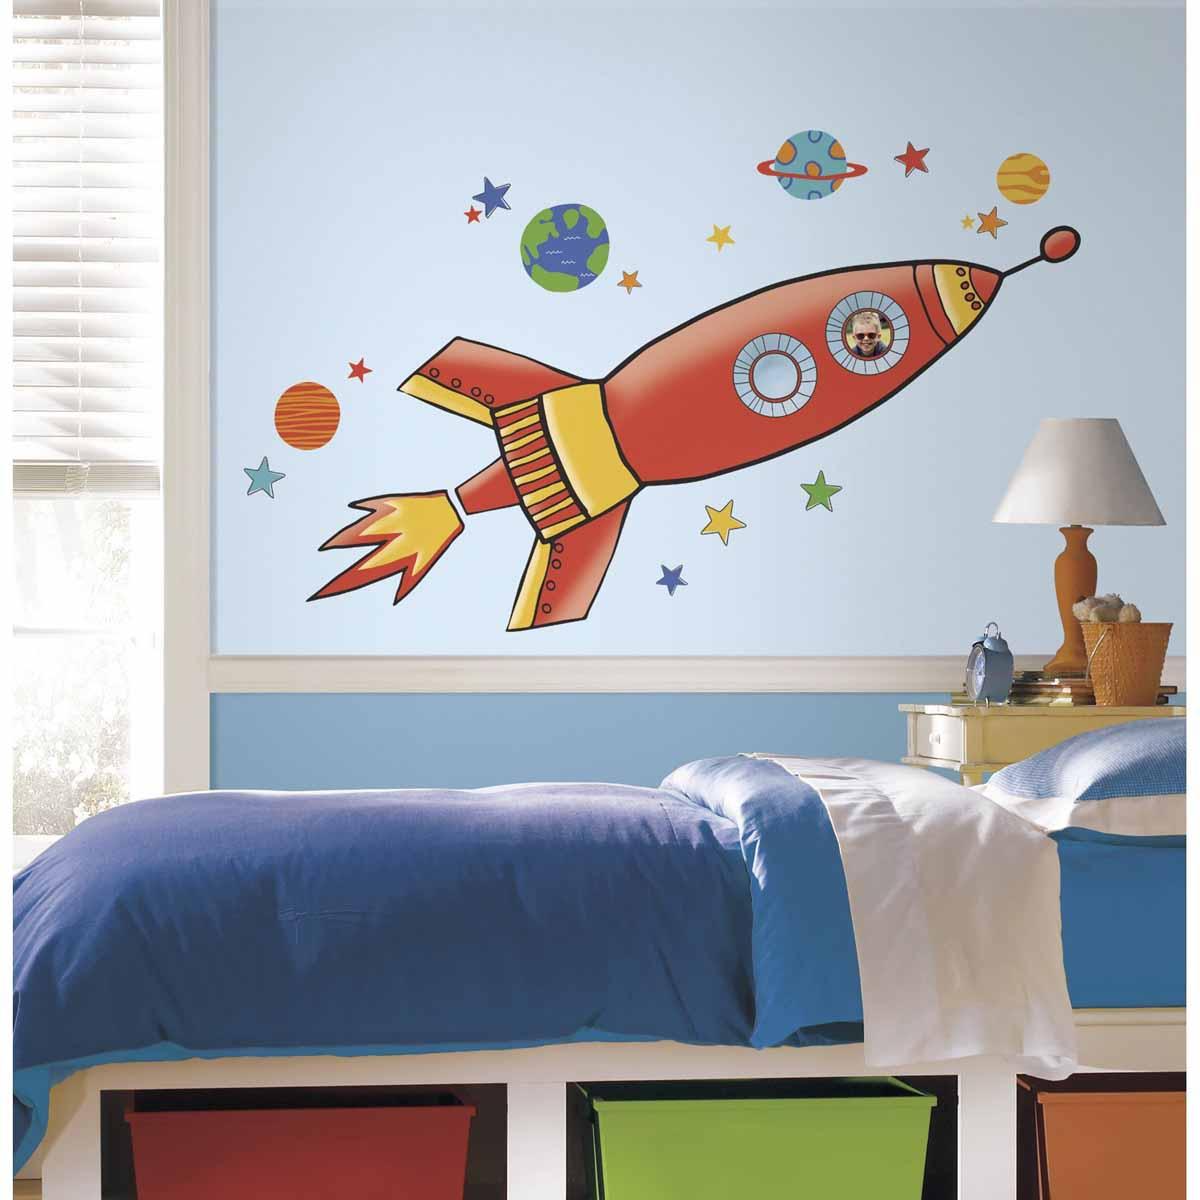 RoomMates Наклейки для декора РакетаRMK2619GMНаклейки для декора Ракета, большой формат от знаменитого производителя RoomMates станут украшением вашей квартиры! Украсьте комнату вашего ребенка большим красочным изображением космической ракеты! Наклейки, входящие в набор, изображают большую яркую ракету в окружении звезд и планет. Величина изображения 135 х 49,3 см! Наклейки не нужно вырезать - их следует просто отсоединить от защитного слоя и поместить на стену или любую другую плоскую гладкую поверхность. Наклейки многоразовые: их легко переклеивать и снимать со стены, они не оставляют липких следов на поверхности.